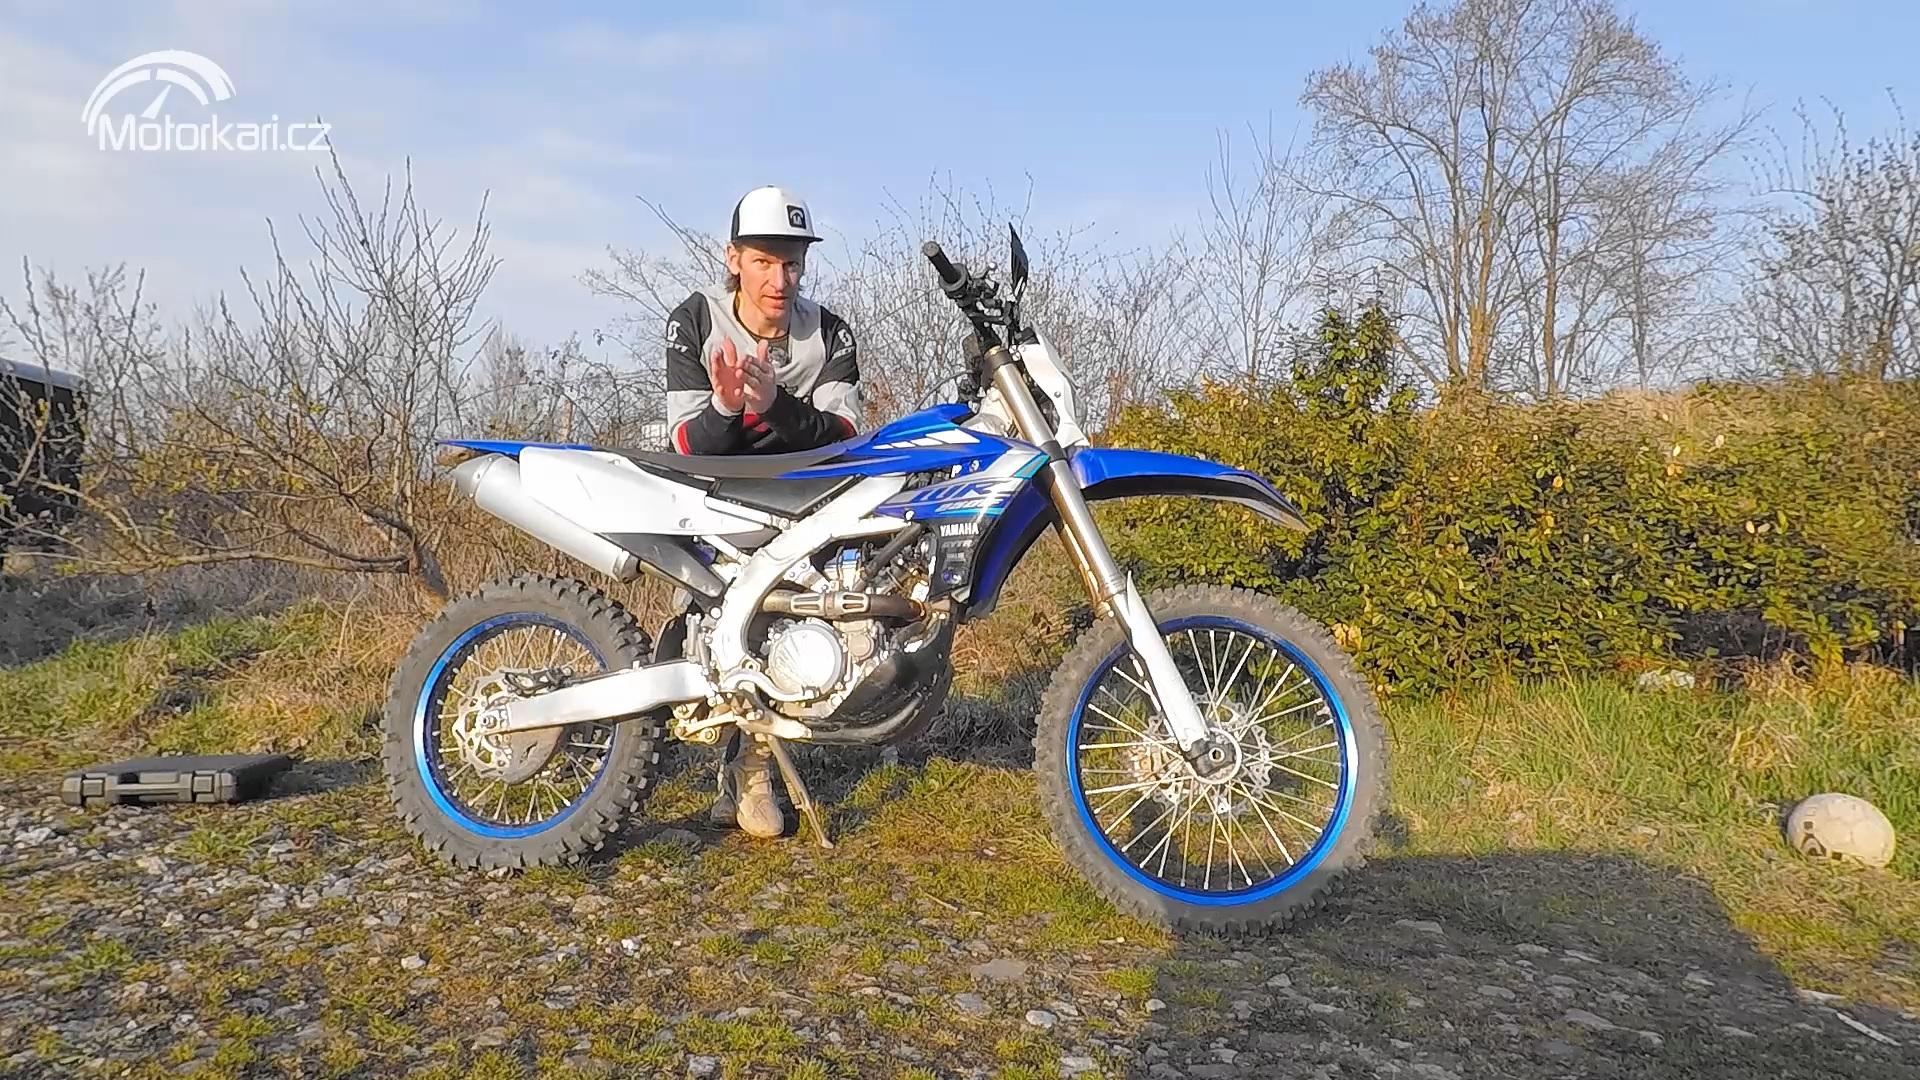 okroužek, motor, yamaha xz 250f :: Motorkářské fórum